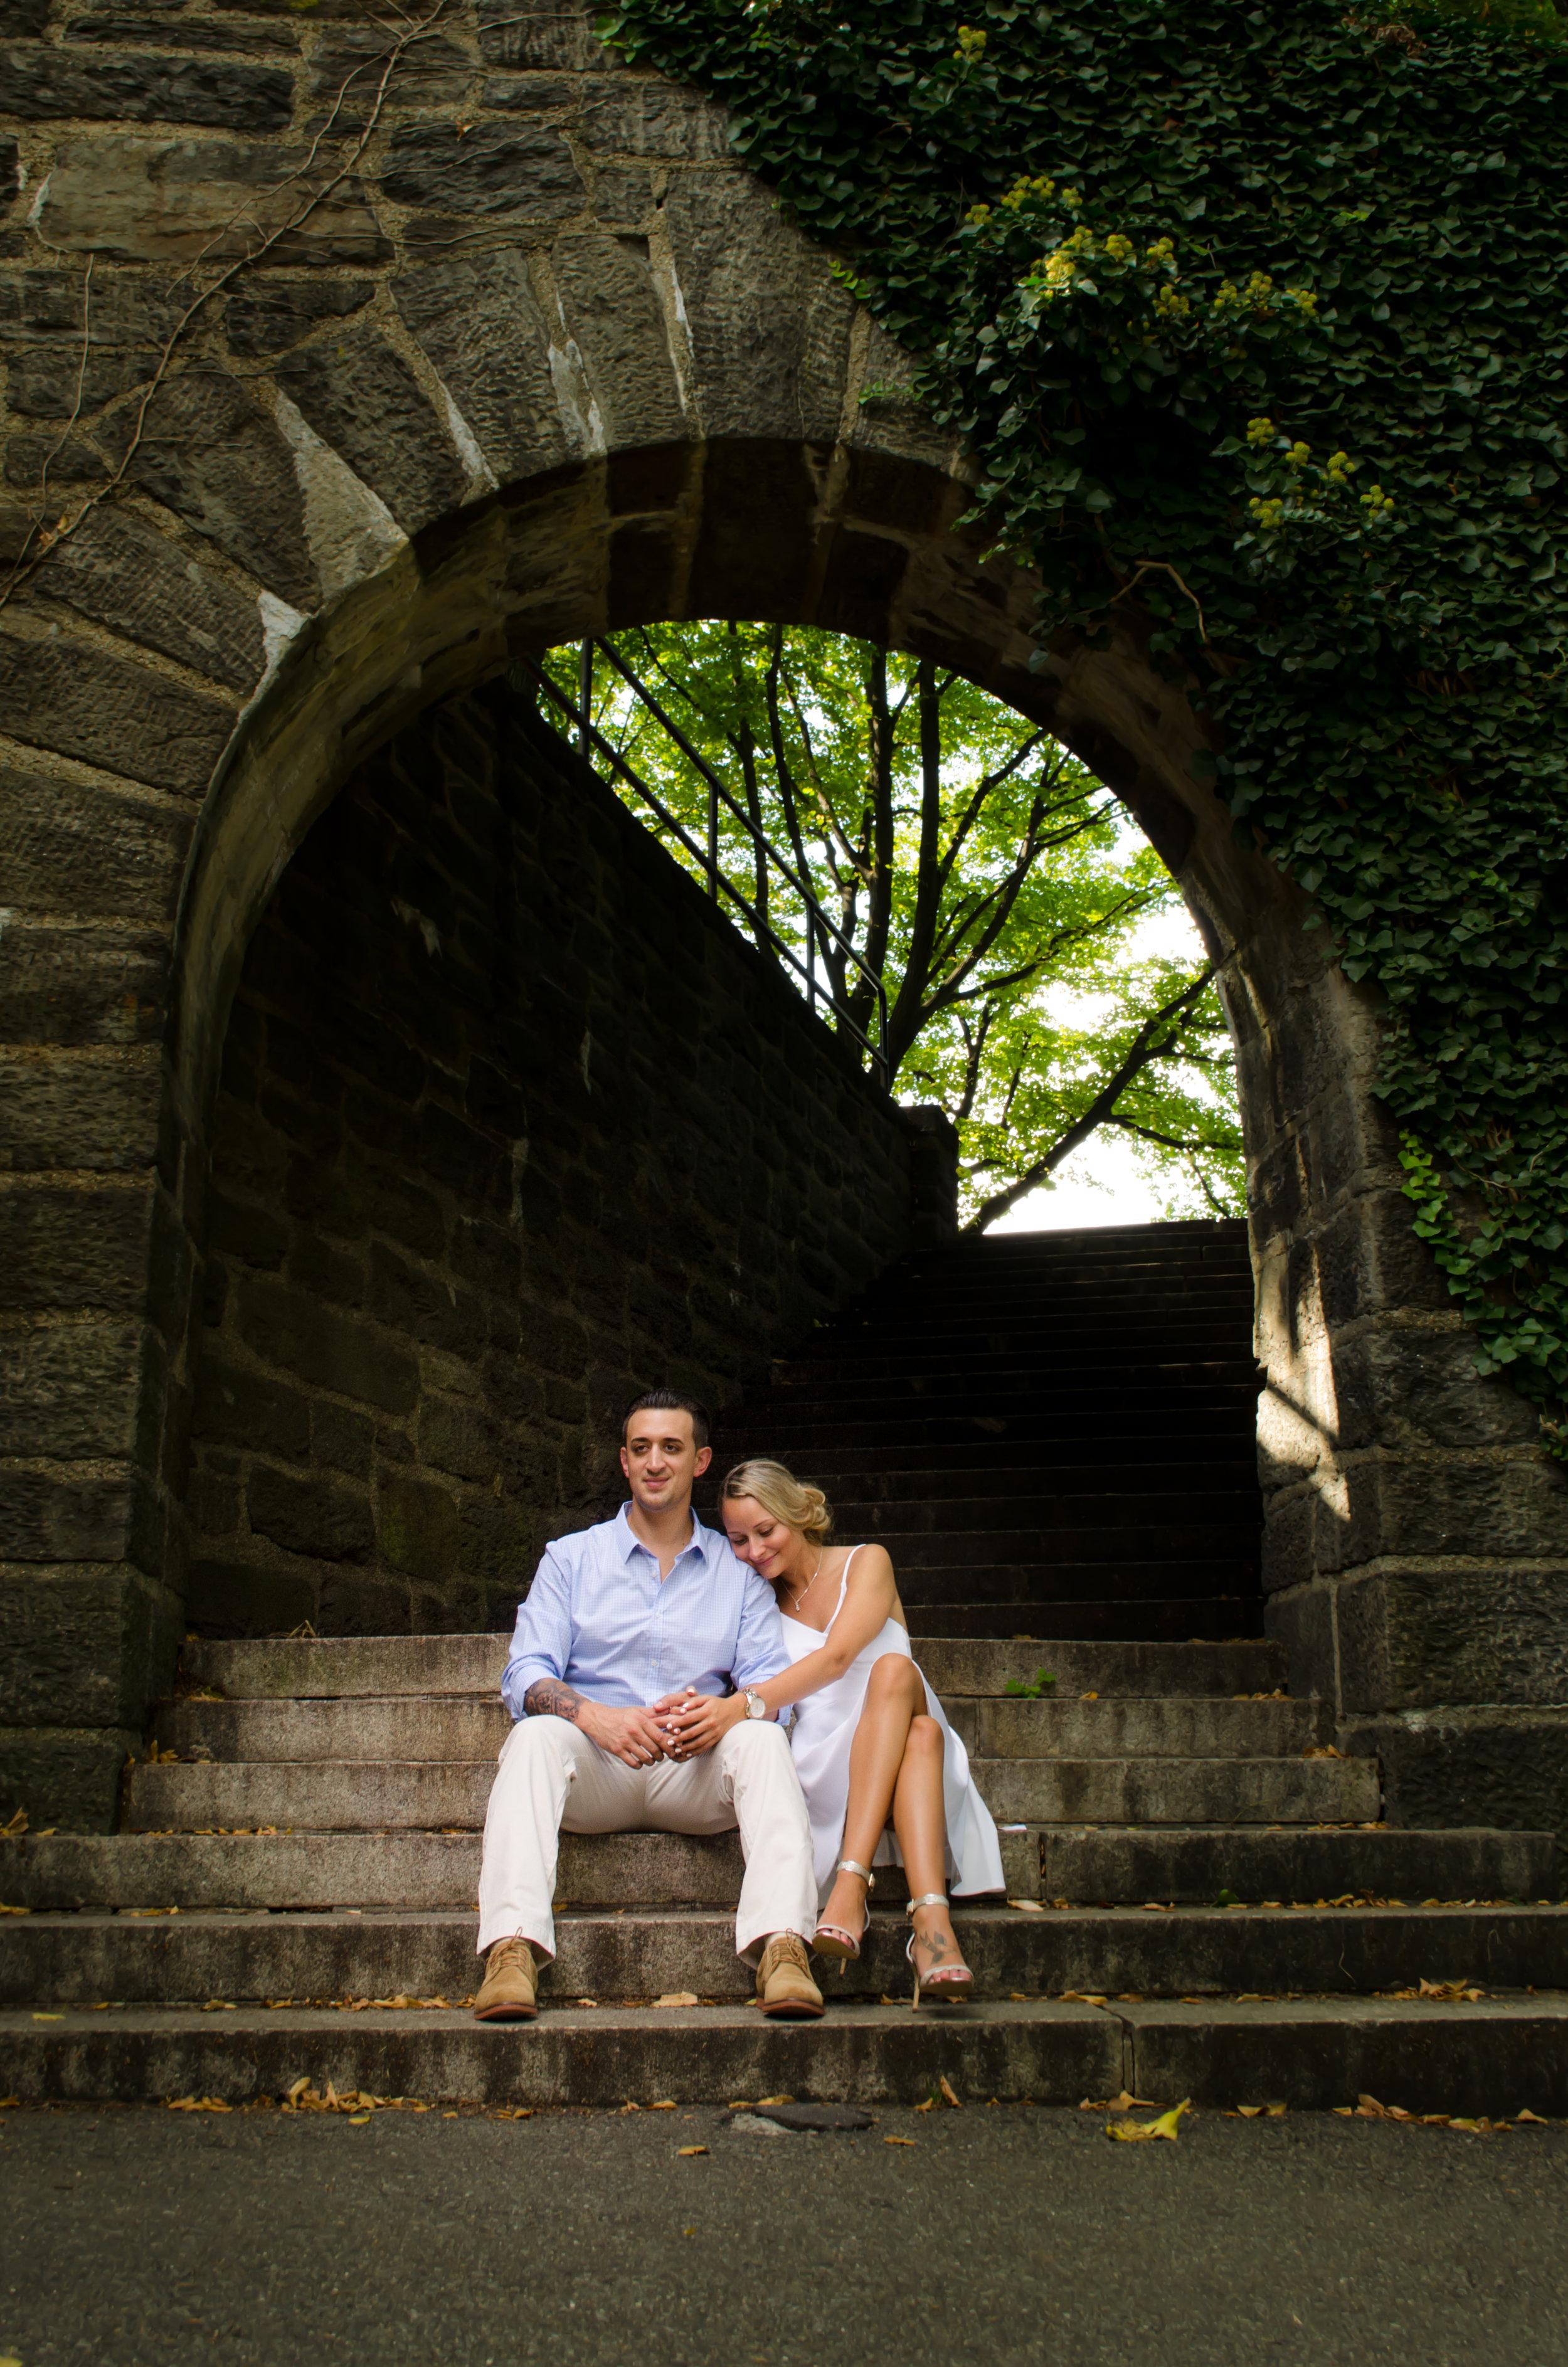 CArrieWestonStudios_NY_Portrait_Wedding_Photography_Northport_JoeandSarah-6.jpg